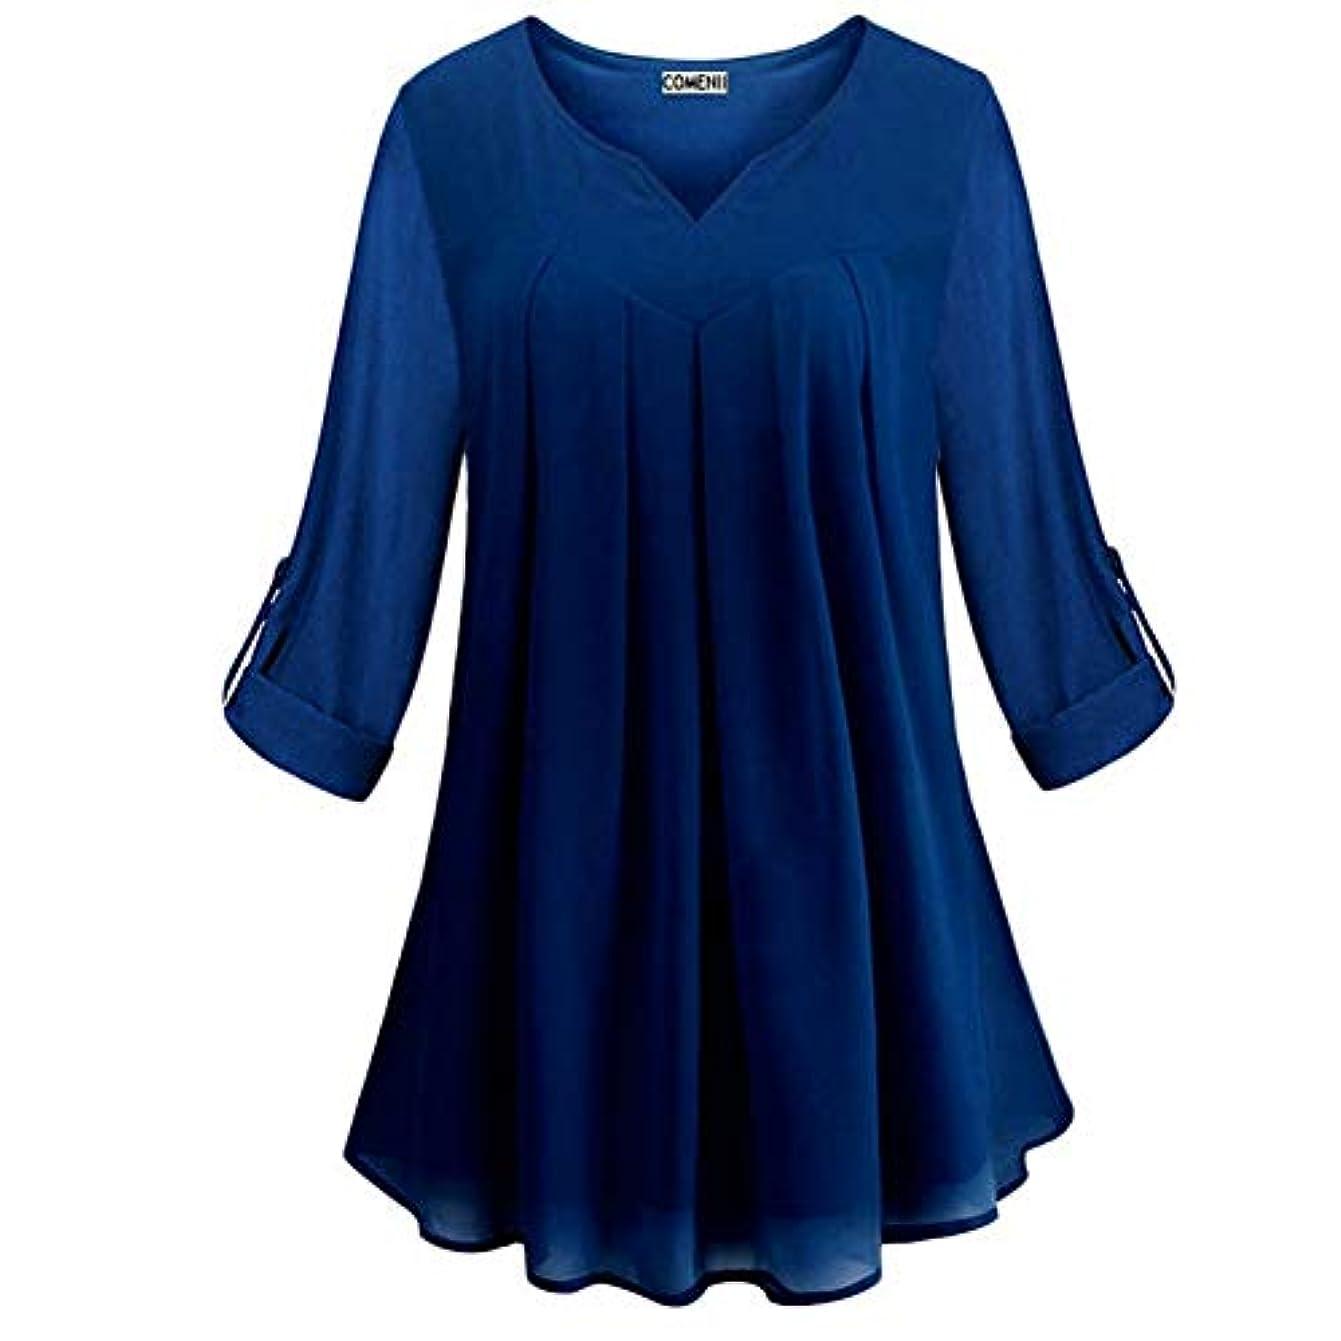 状況雰囲気アリMIFAN の女性のドレスカジュアルな不規則なドレスルースサマービーチTシャツドレス